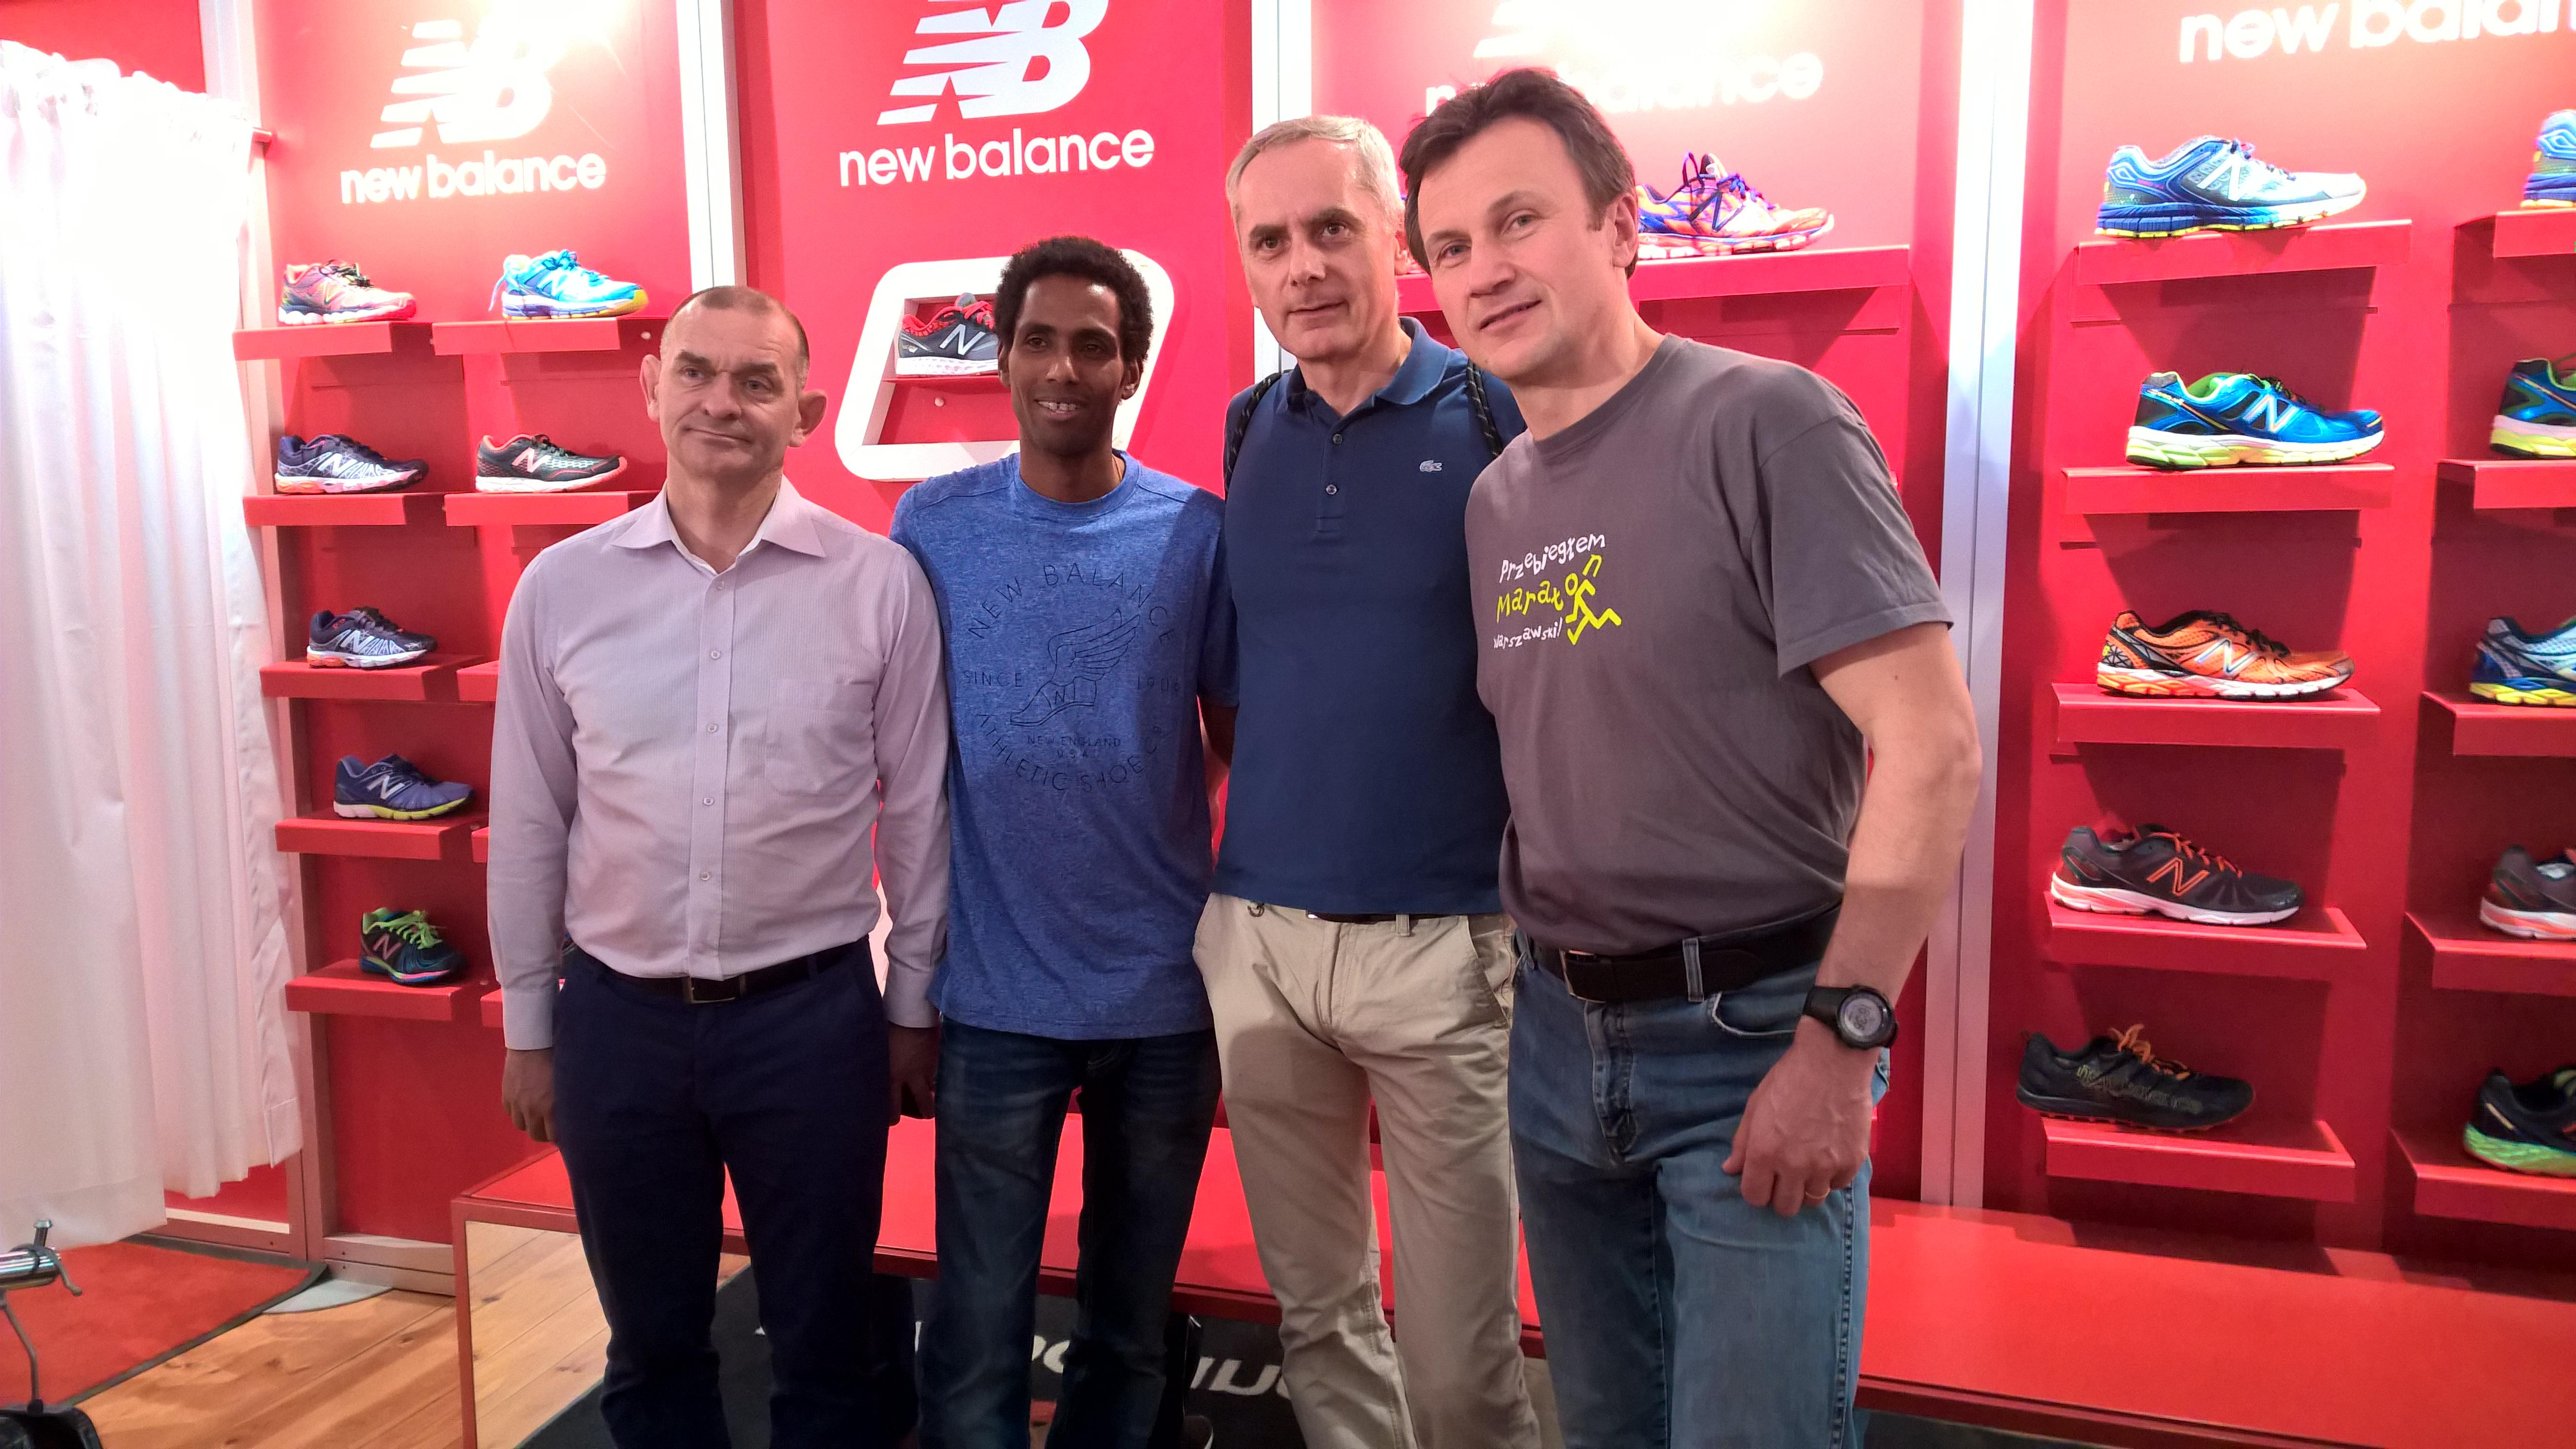 Andrzej Rysiek i ja - nie mogliśmy przepuścić okazji by uścisnąć dłoń mistrzowi - Yared Neda Shegumo, to polski maratończyk etiopskiego pochodzenia - rekord życiowy 2:10:34.